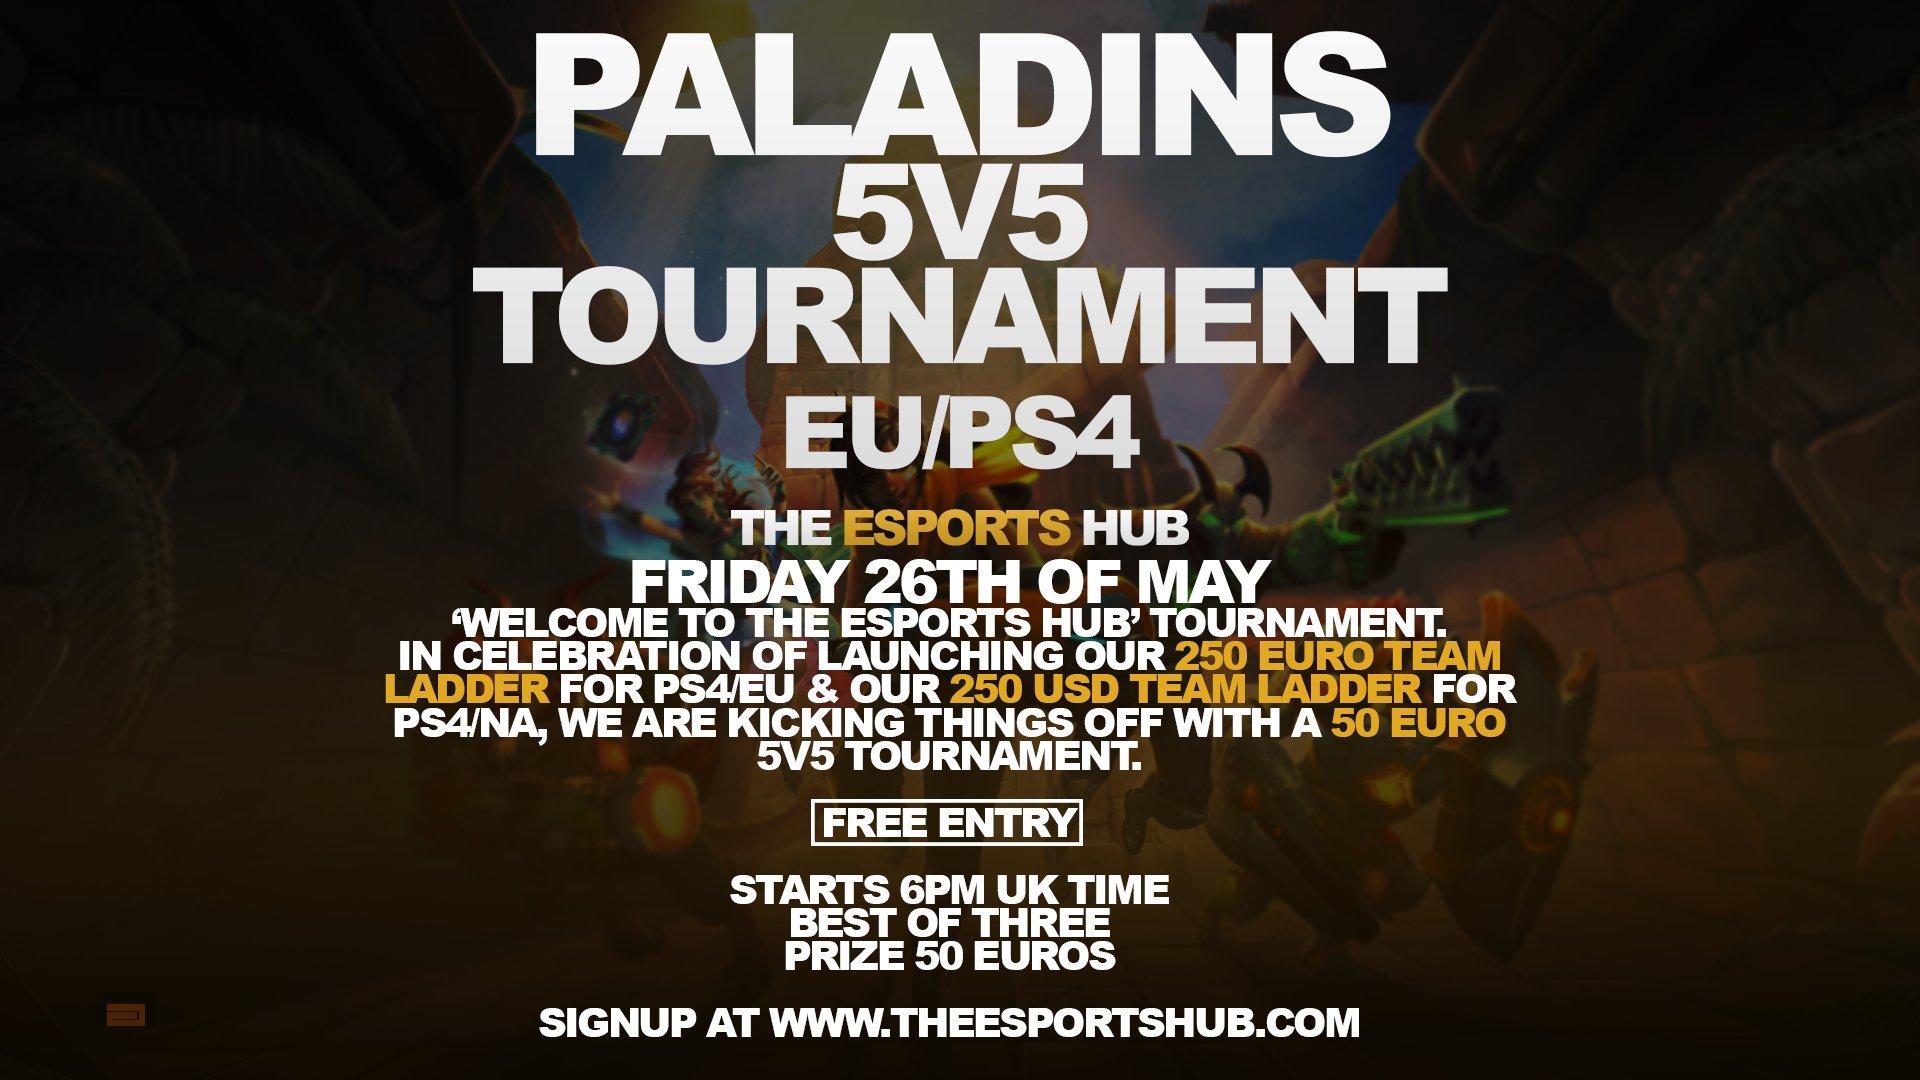 Torneo en Europa de Paladins en Playstation 4 el 26 de Mayo, ¡¡¡Prepara tus mejores mazos!!!